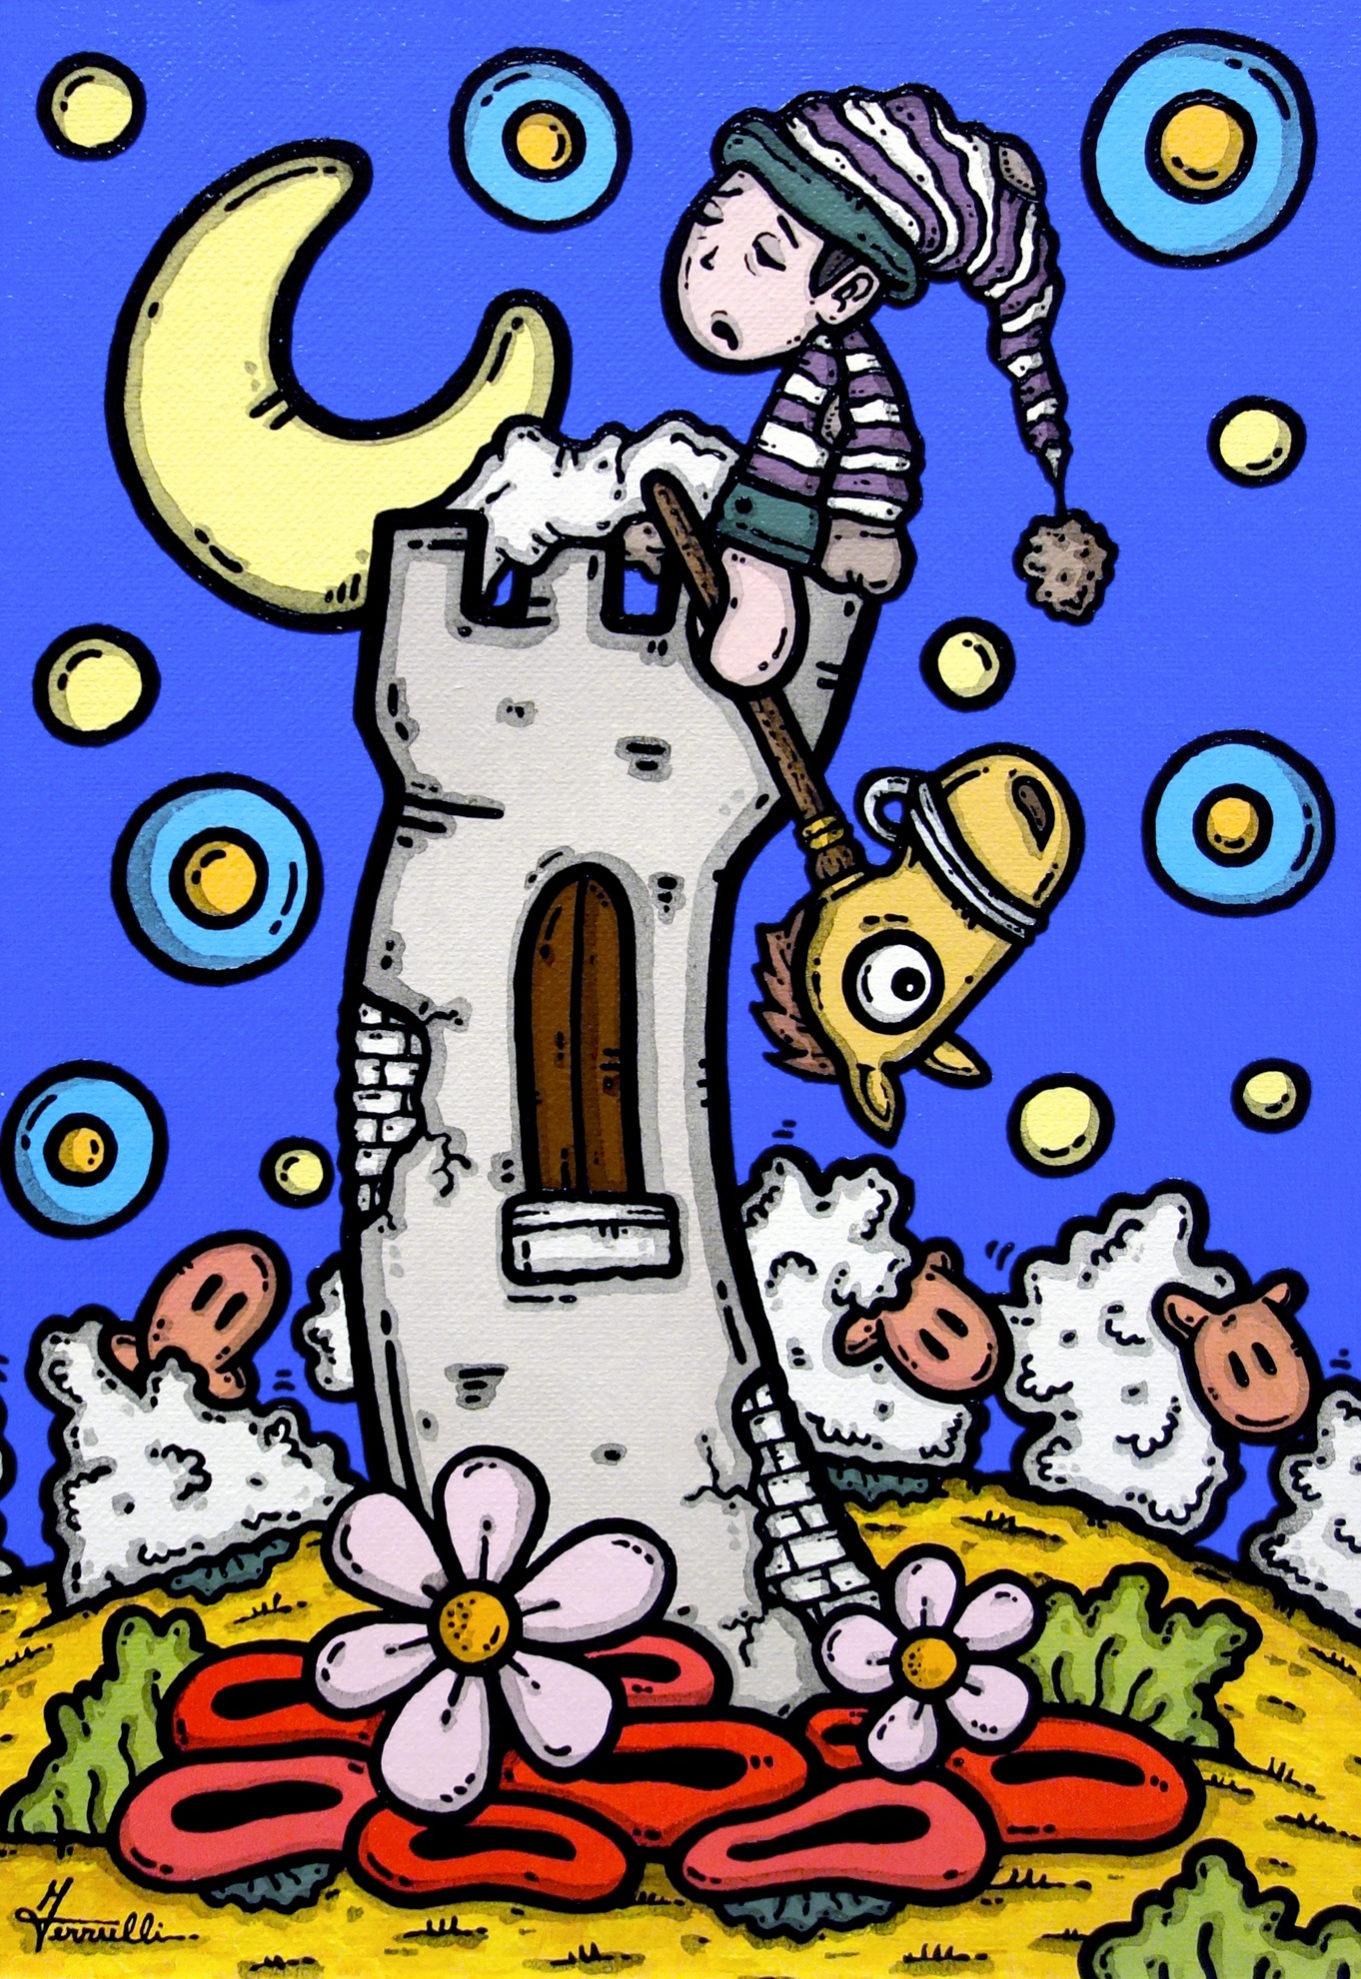 opera d'arte, contornismo metafisico, francesco ferrulli, pittore, artista, pugliese, italiano, arte contemporanea, dipinto, olio su tela, puglia, quadro colorato, oil on canvas, art, painter, quadri, pecorelle, nuvole, sogni, notti insogni, italian artist, luna, torre, stelle, nuvole, bimbo, notte, cavallo